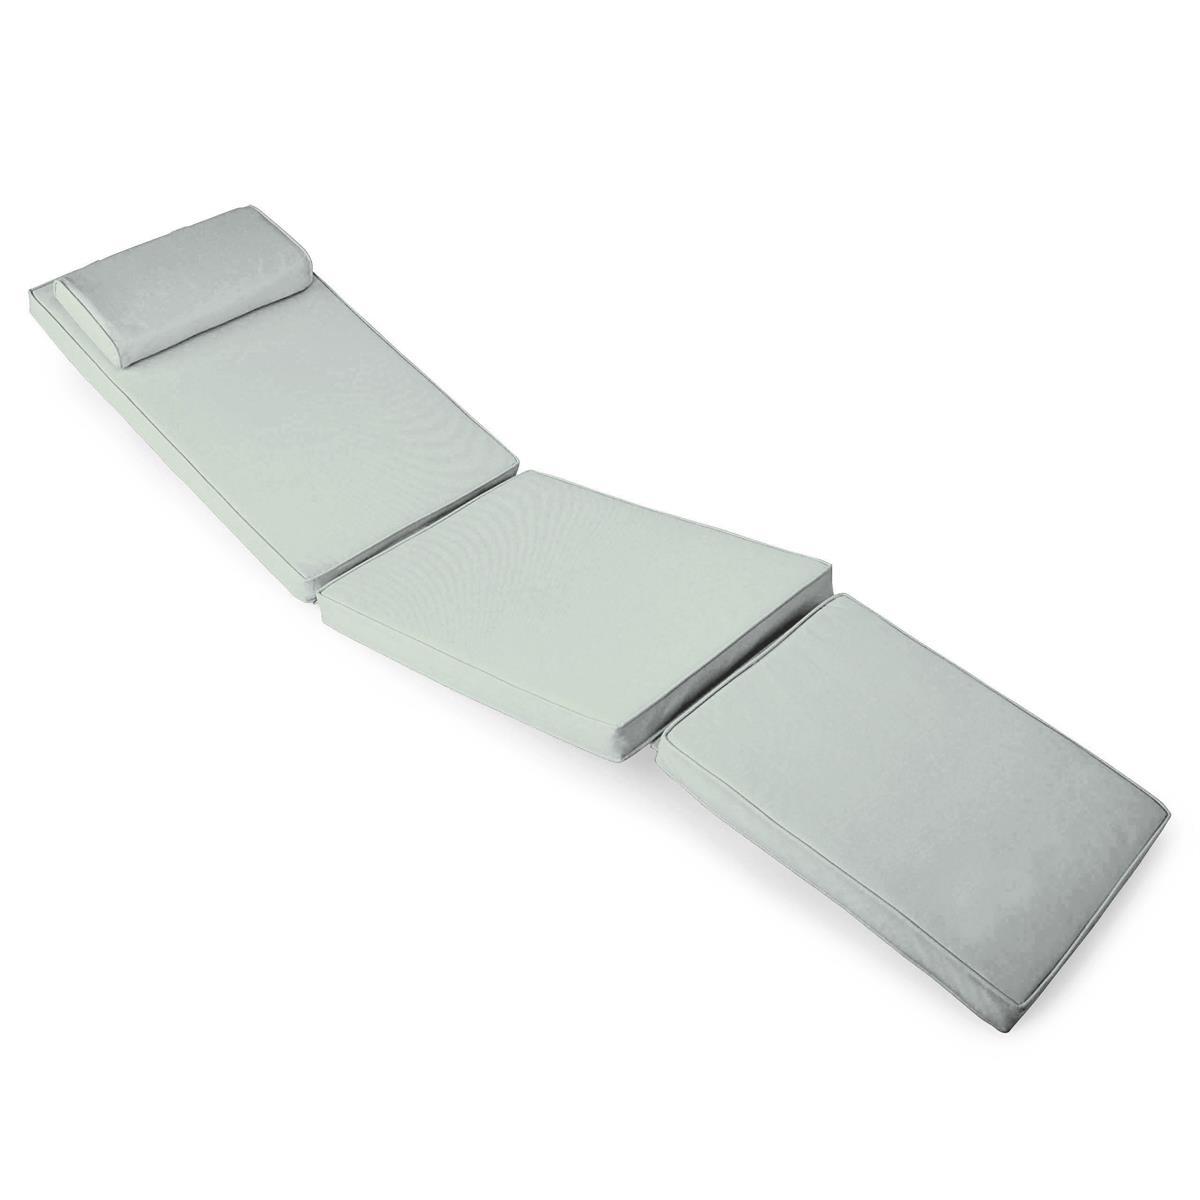 DIVERO Liegenauflage für Deckchair Steamer Liegestuhl-Auflage Polster hellgrau